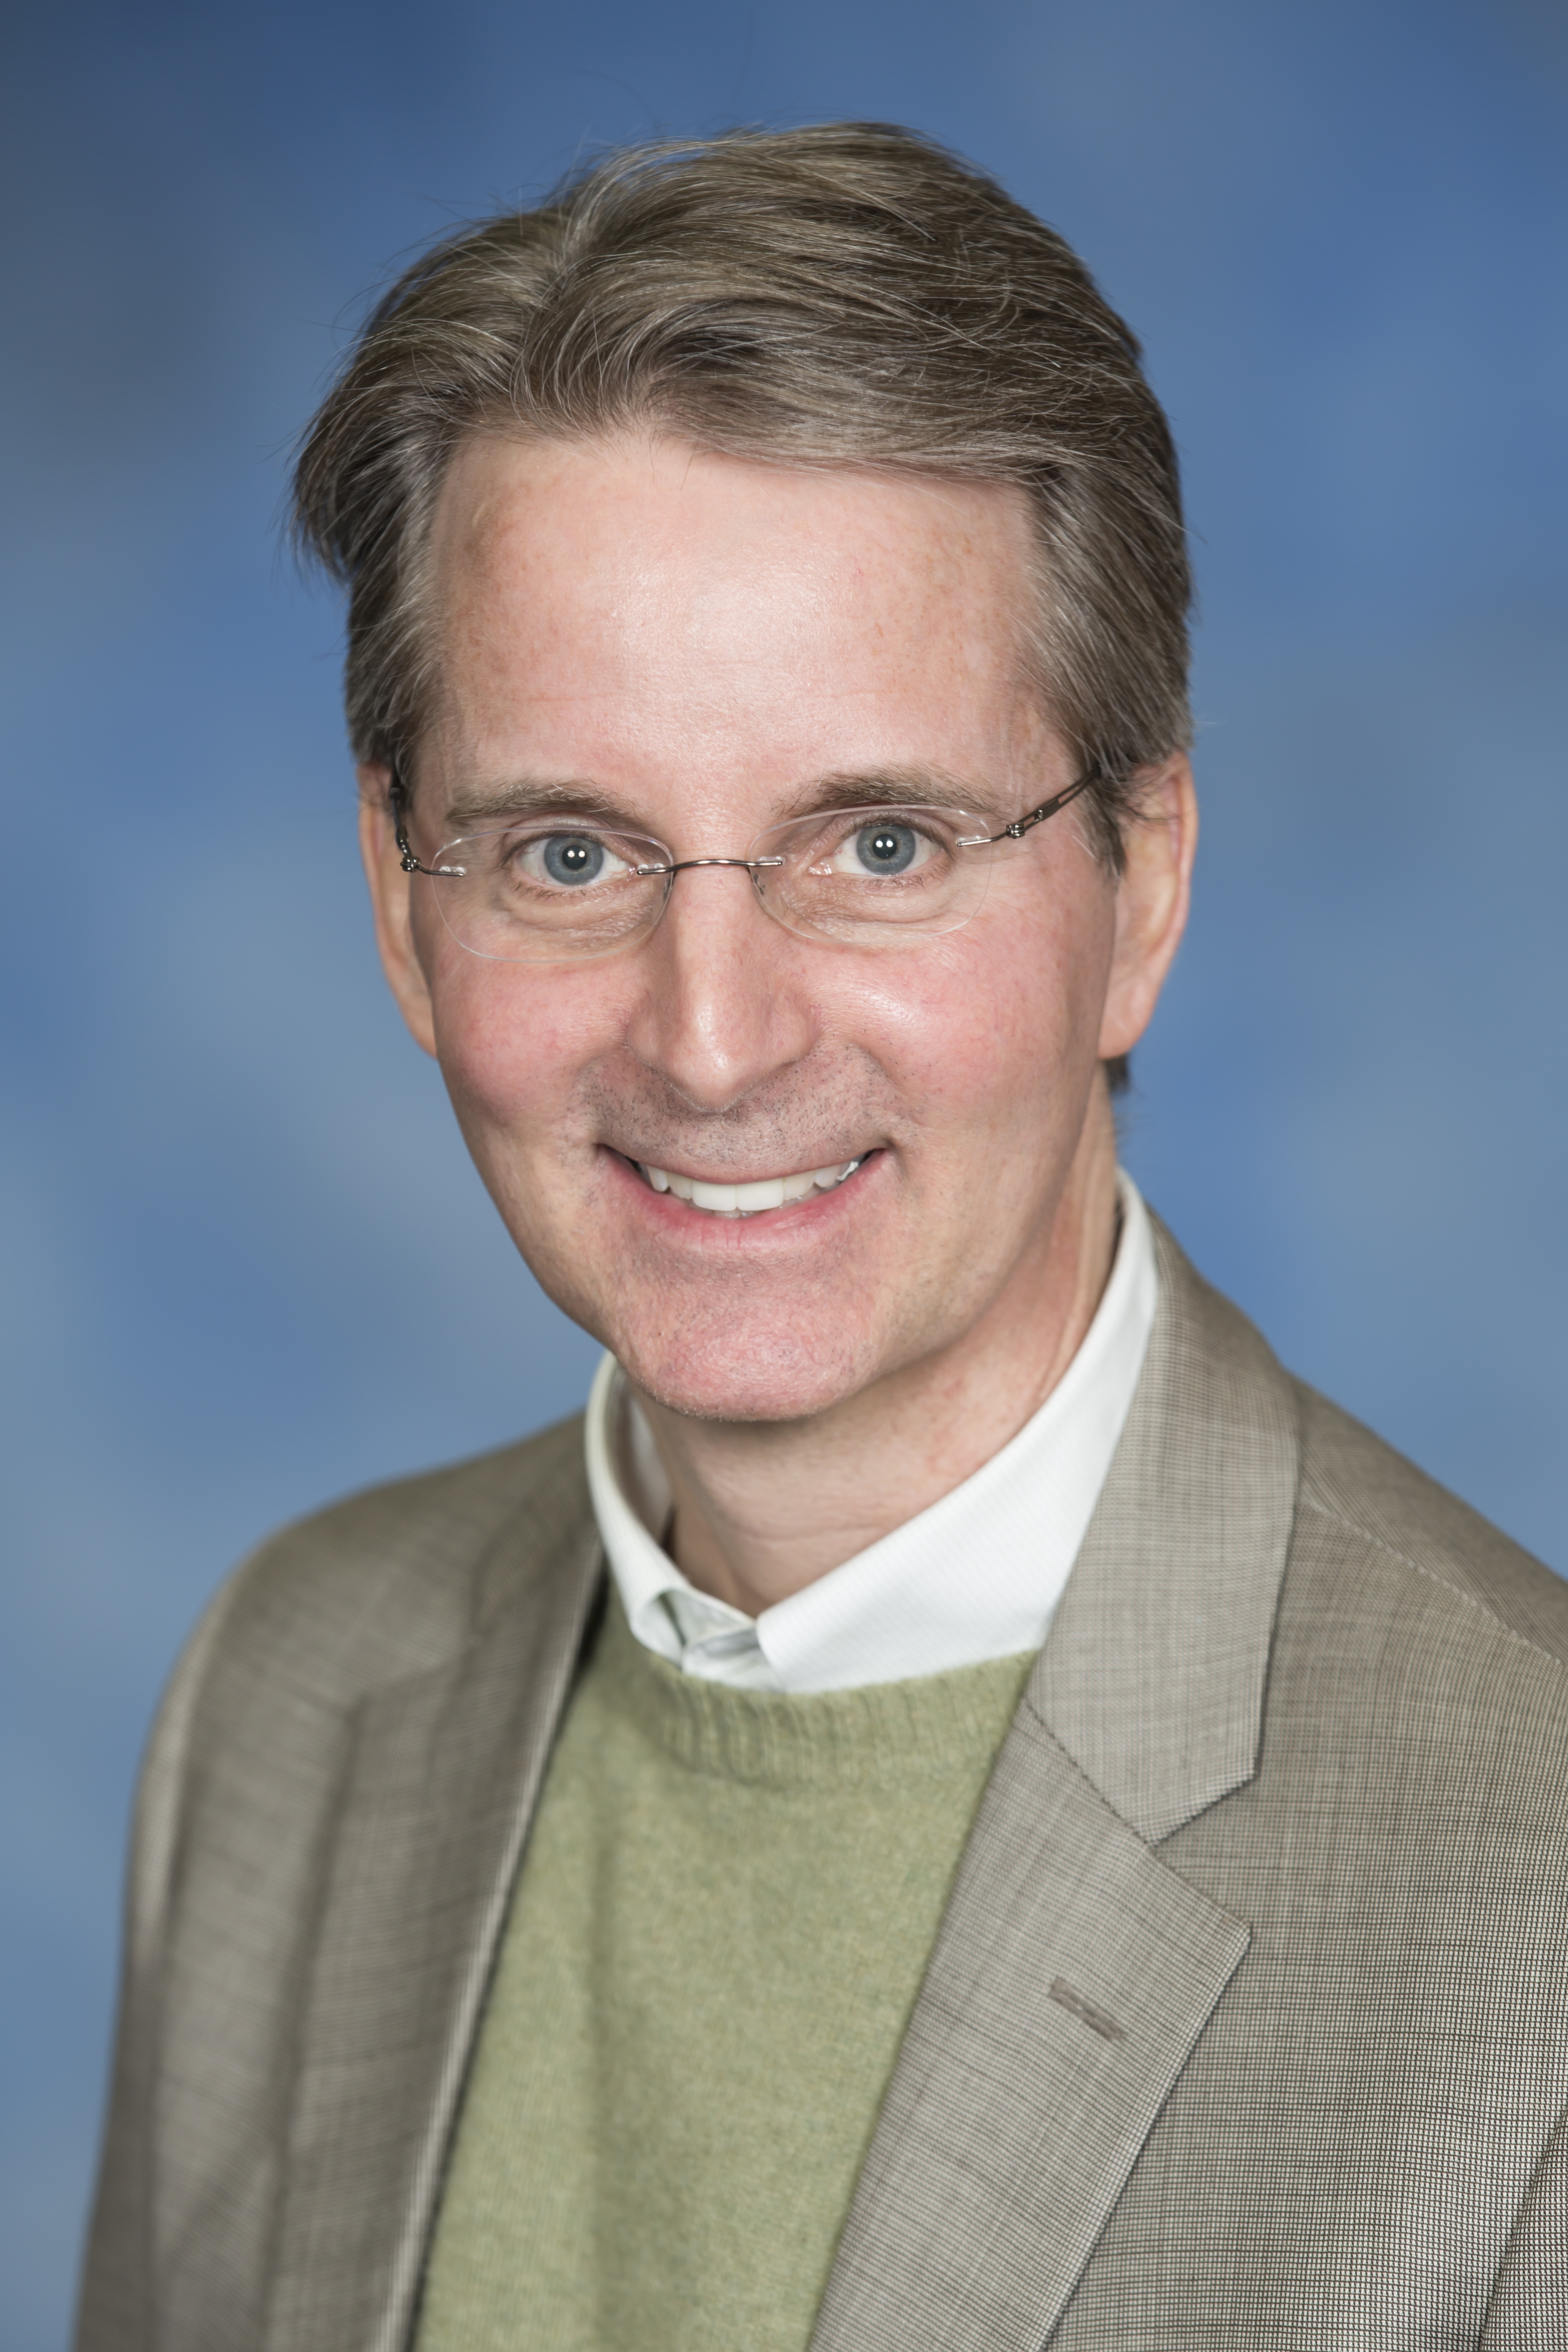 Joseph Gredler